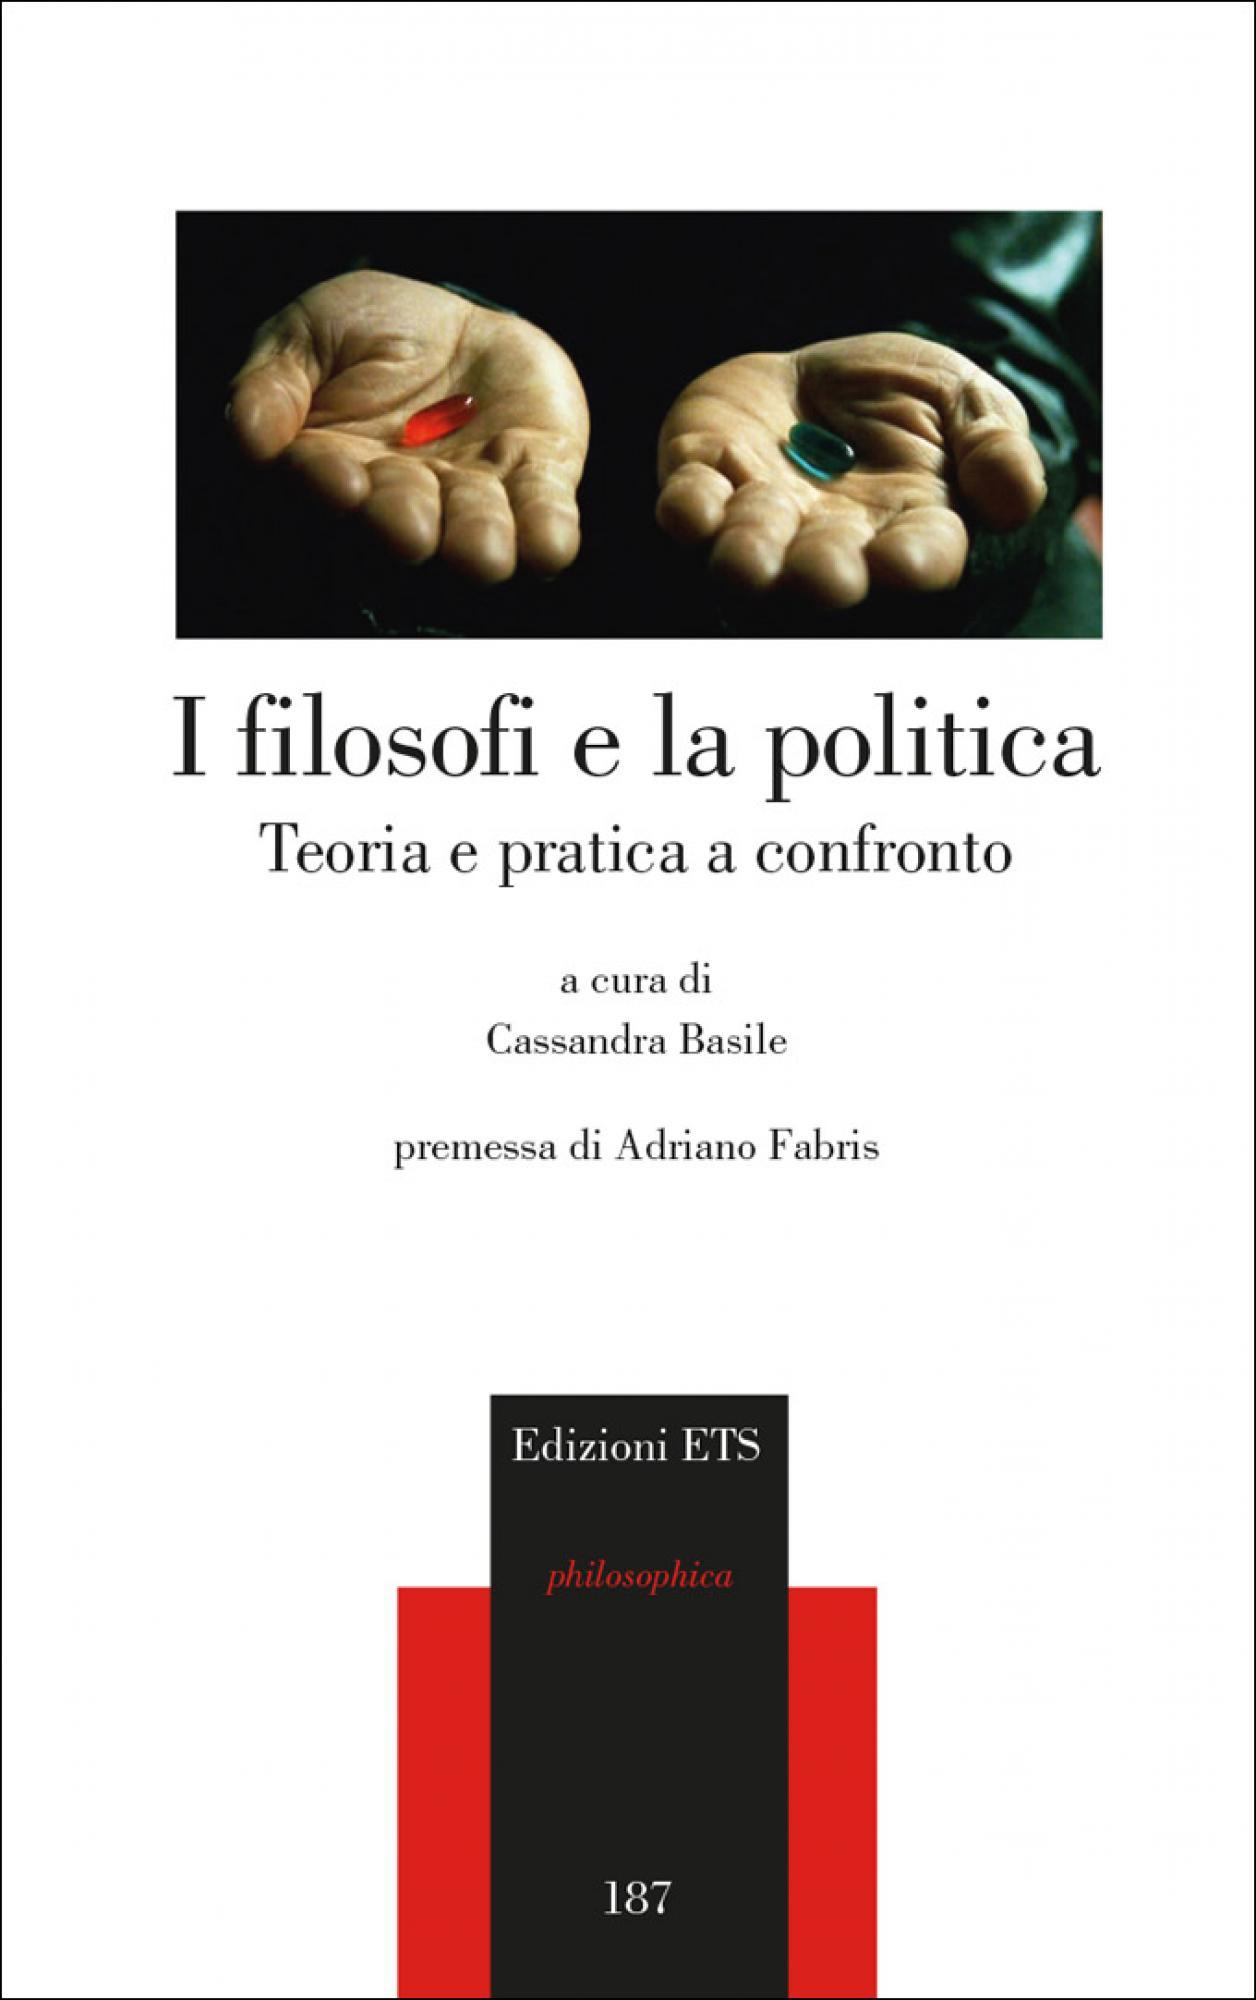 I filosofi e la politica.Teoria e pratica a confronto